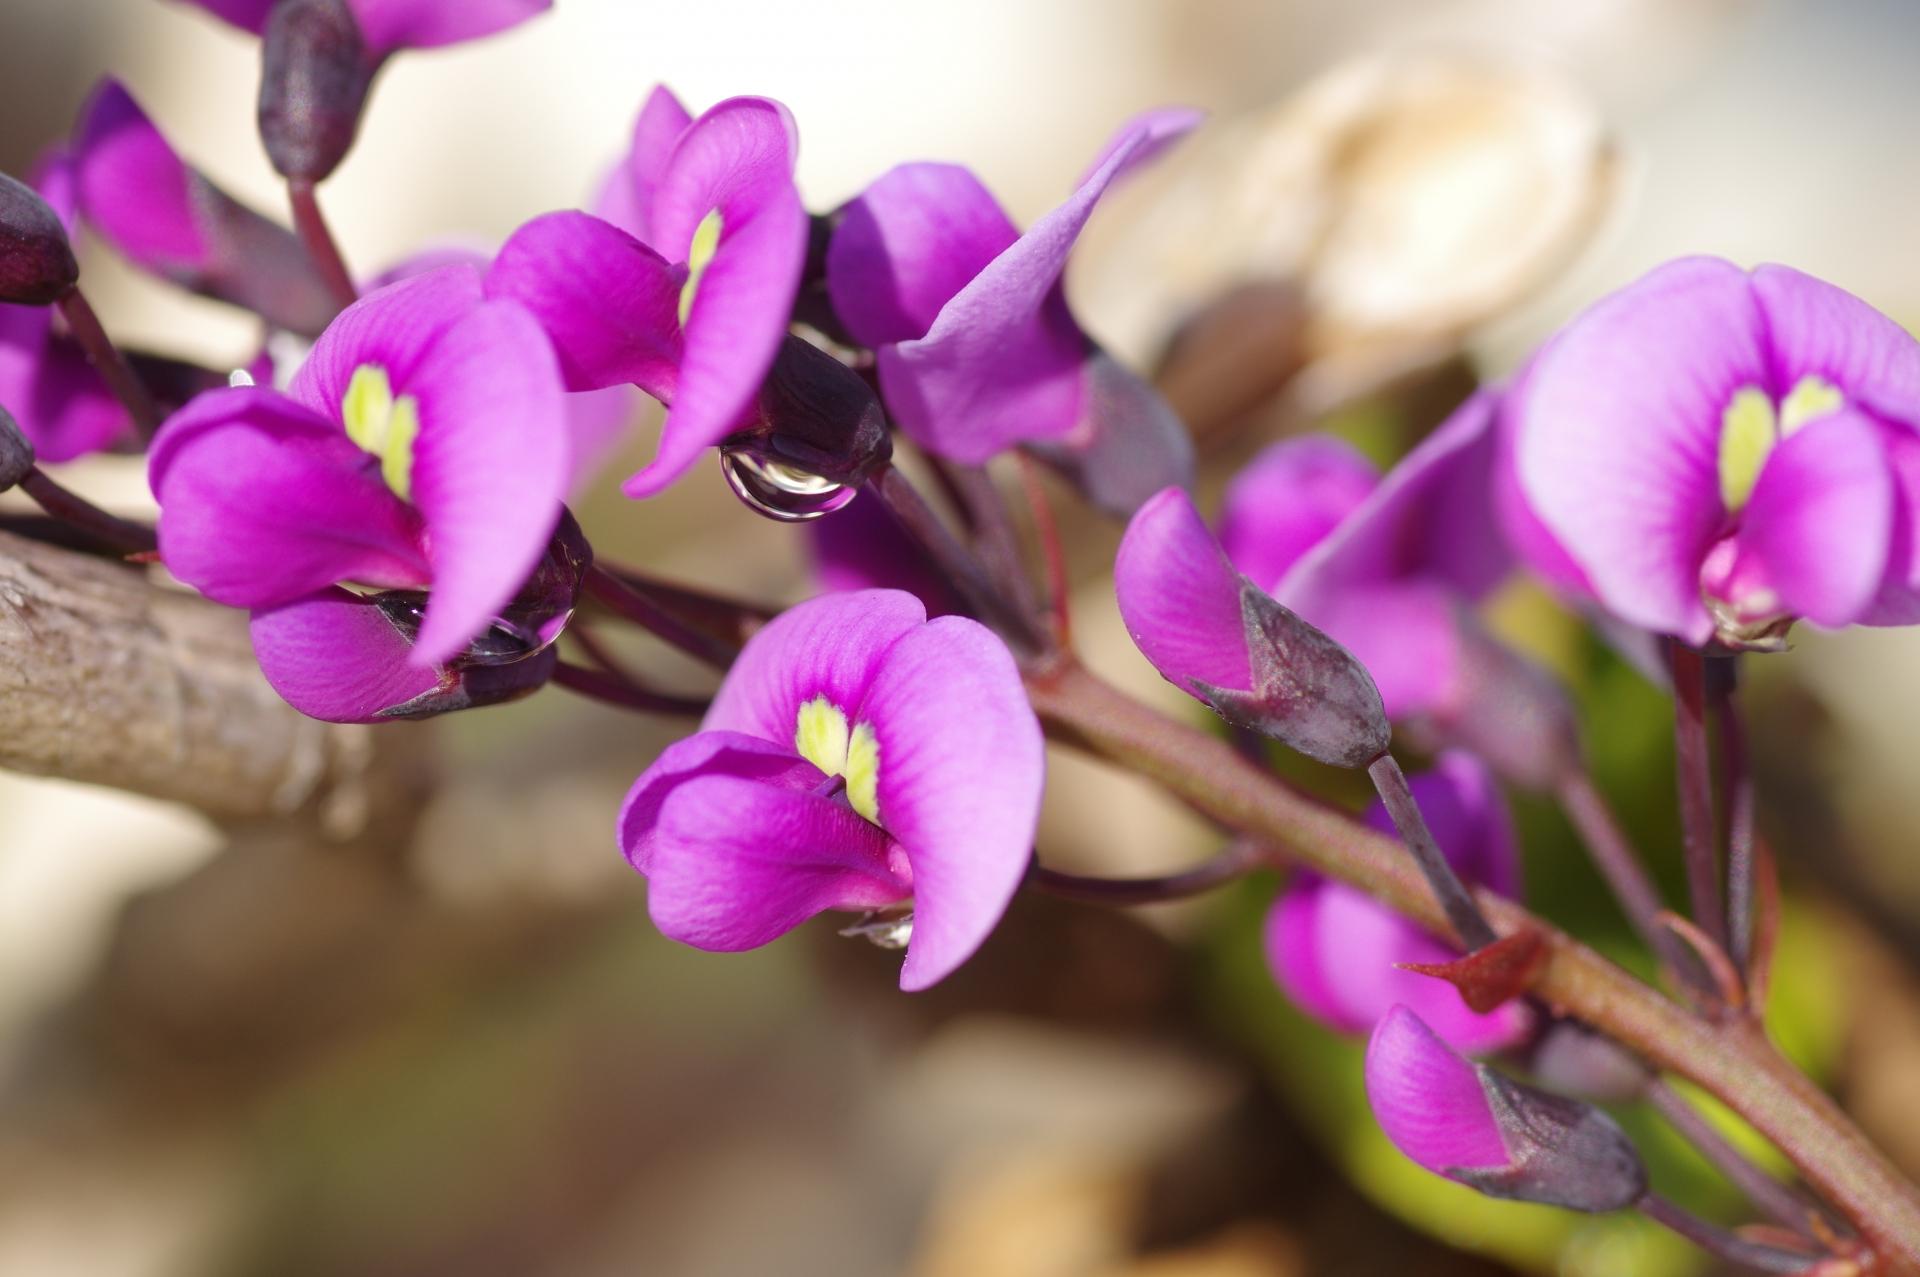 ガーデン用品屋さんの花図鑑 ハーデンベルギア